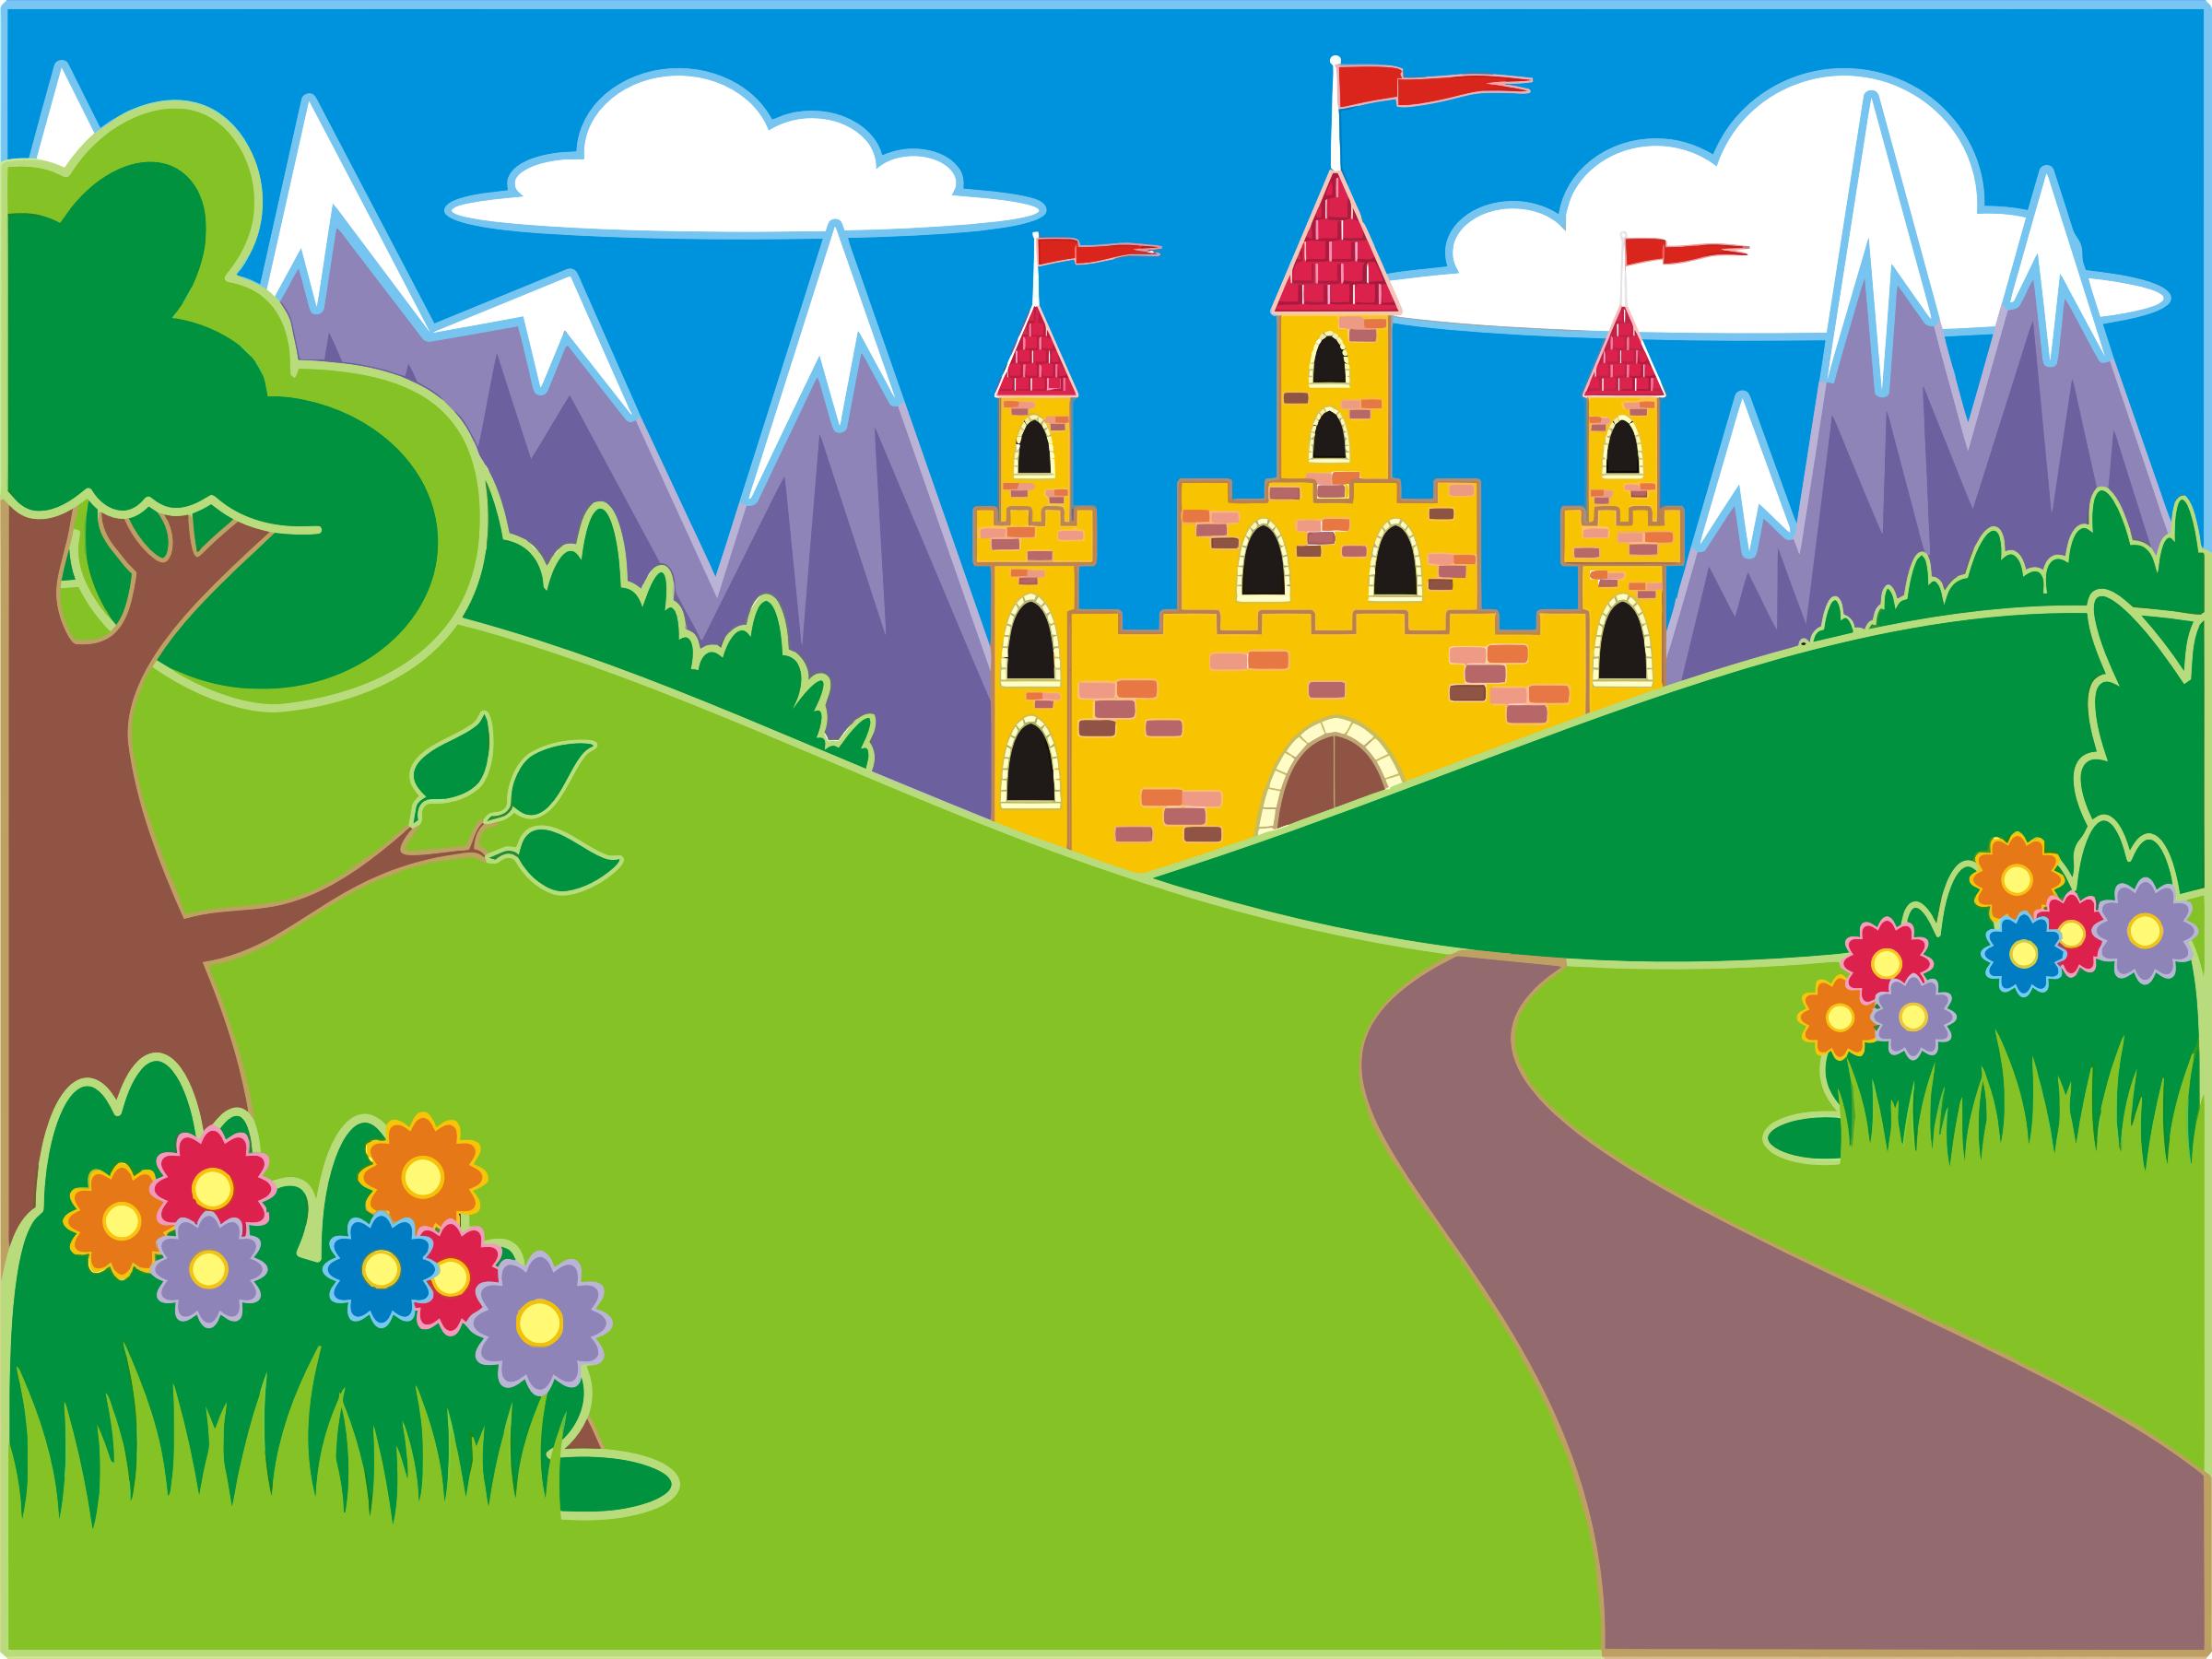 fairytale clipart-fairytale clipart-18